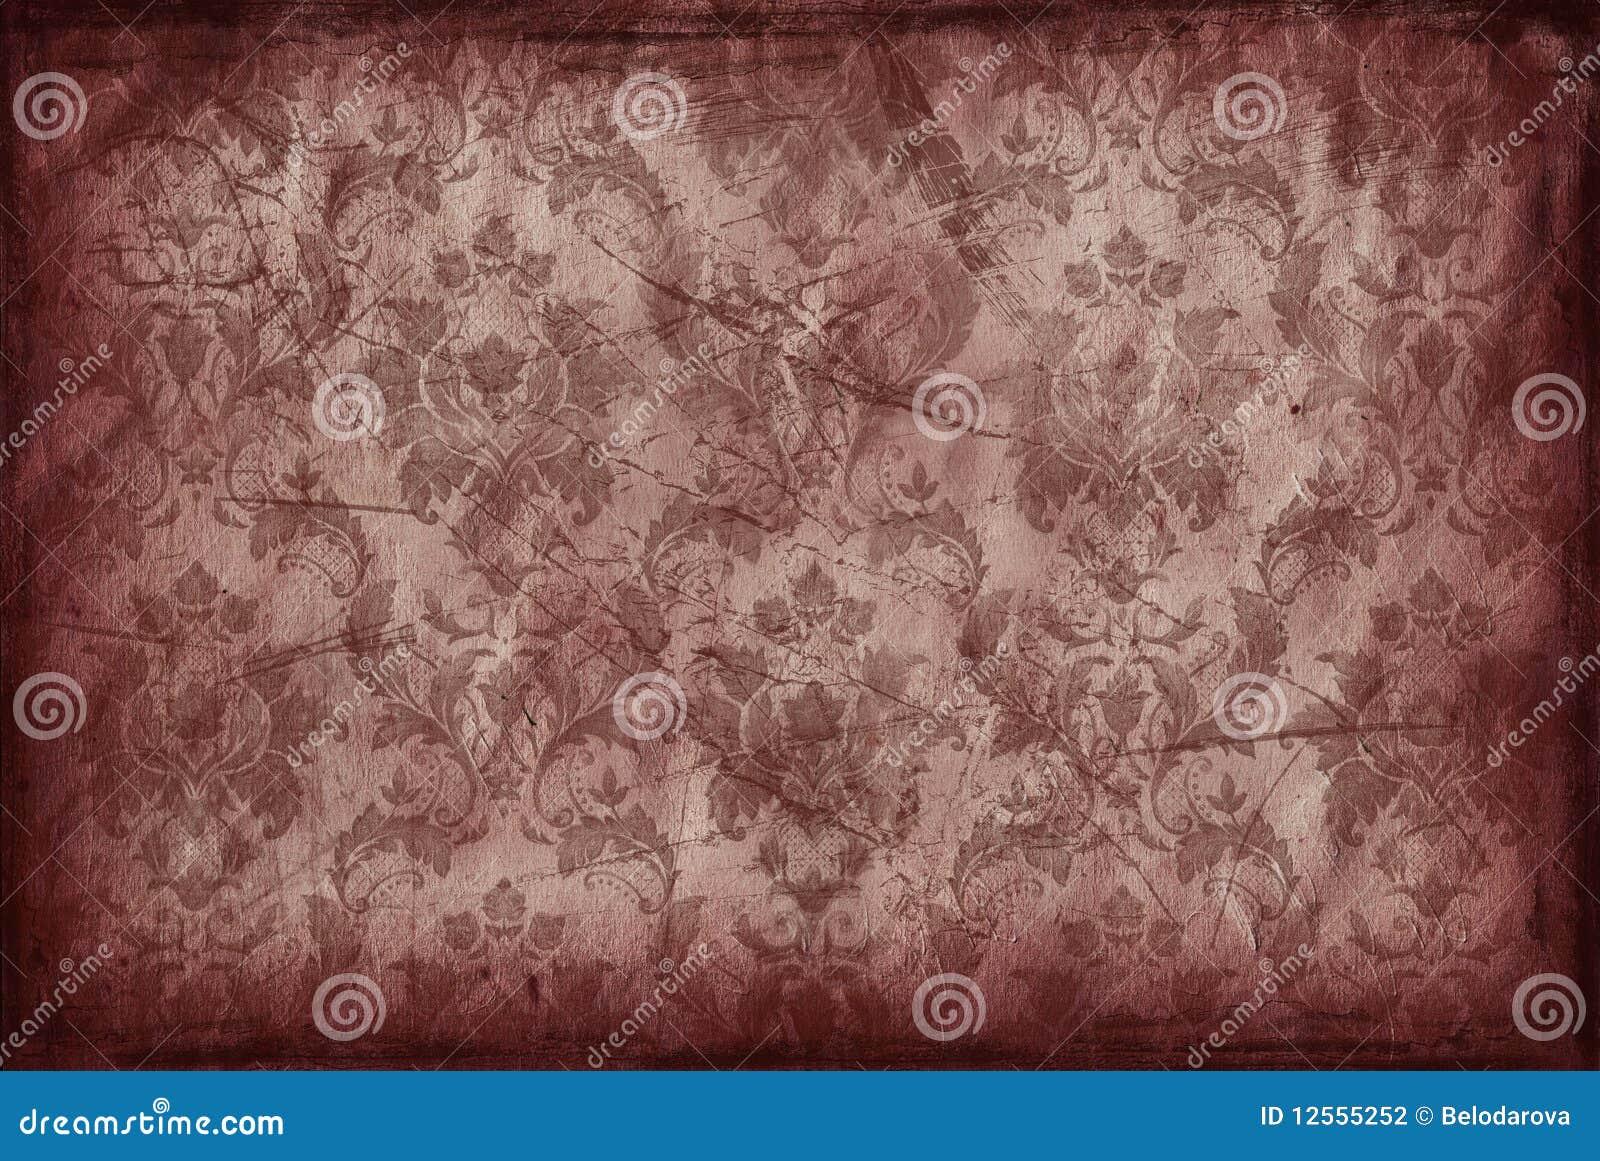 Fundo do vintage do papel de parede marrom velho - Papel de pared retro ...